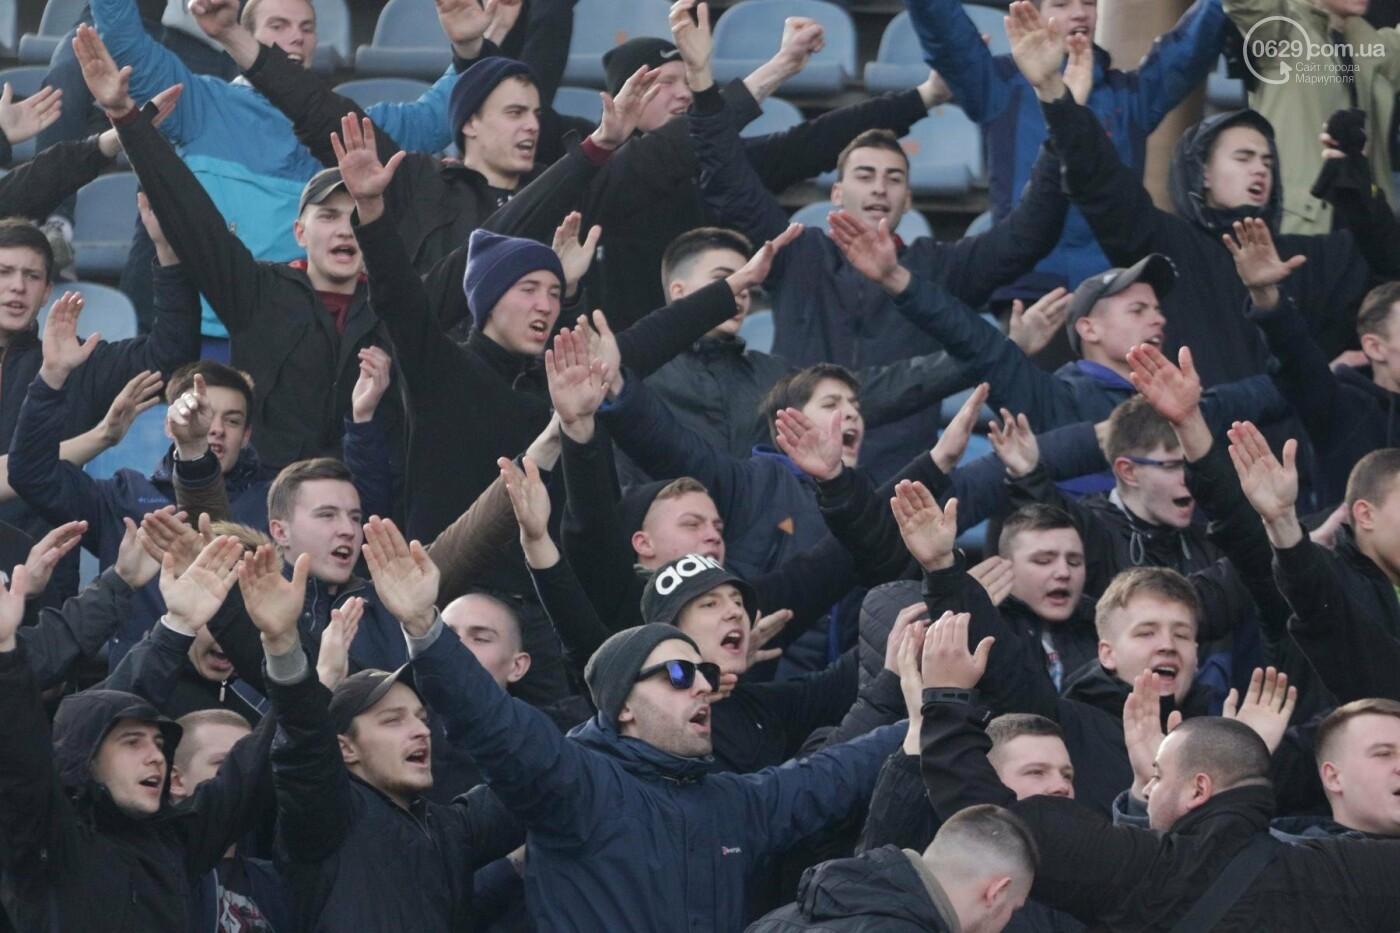 Реванш столичного «Динамо» в Мариуполе. Как это было (ФОТОРЕПОРТАЖ), фото-7